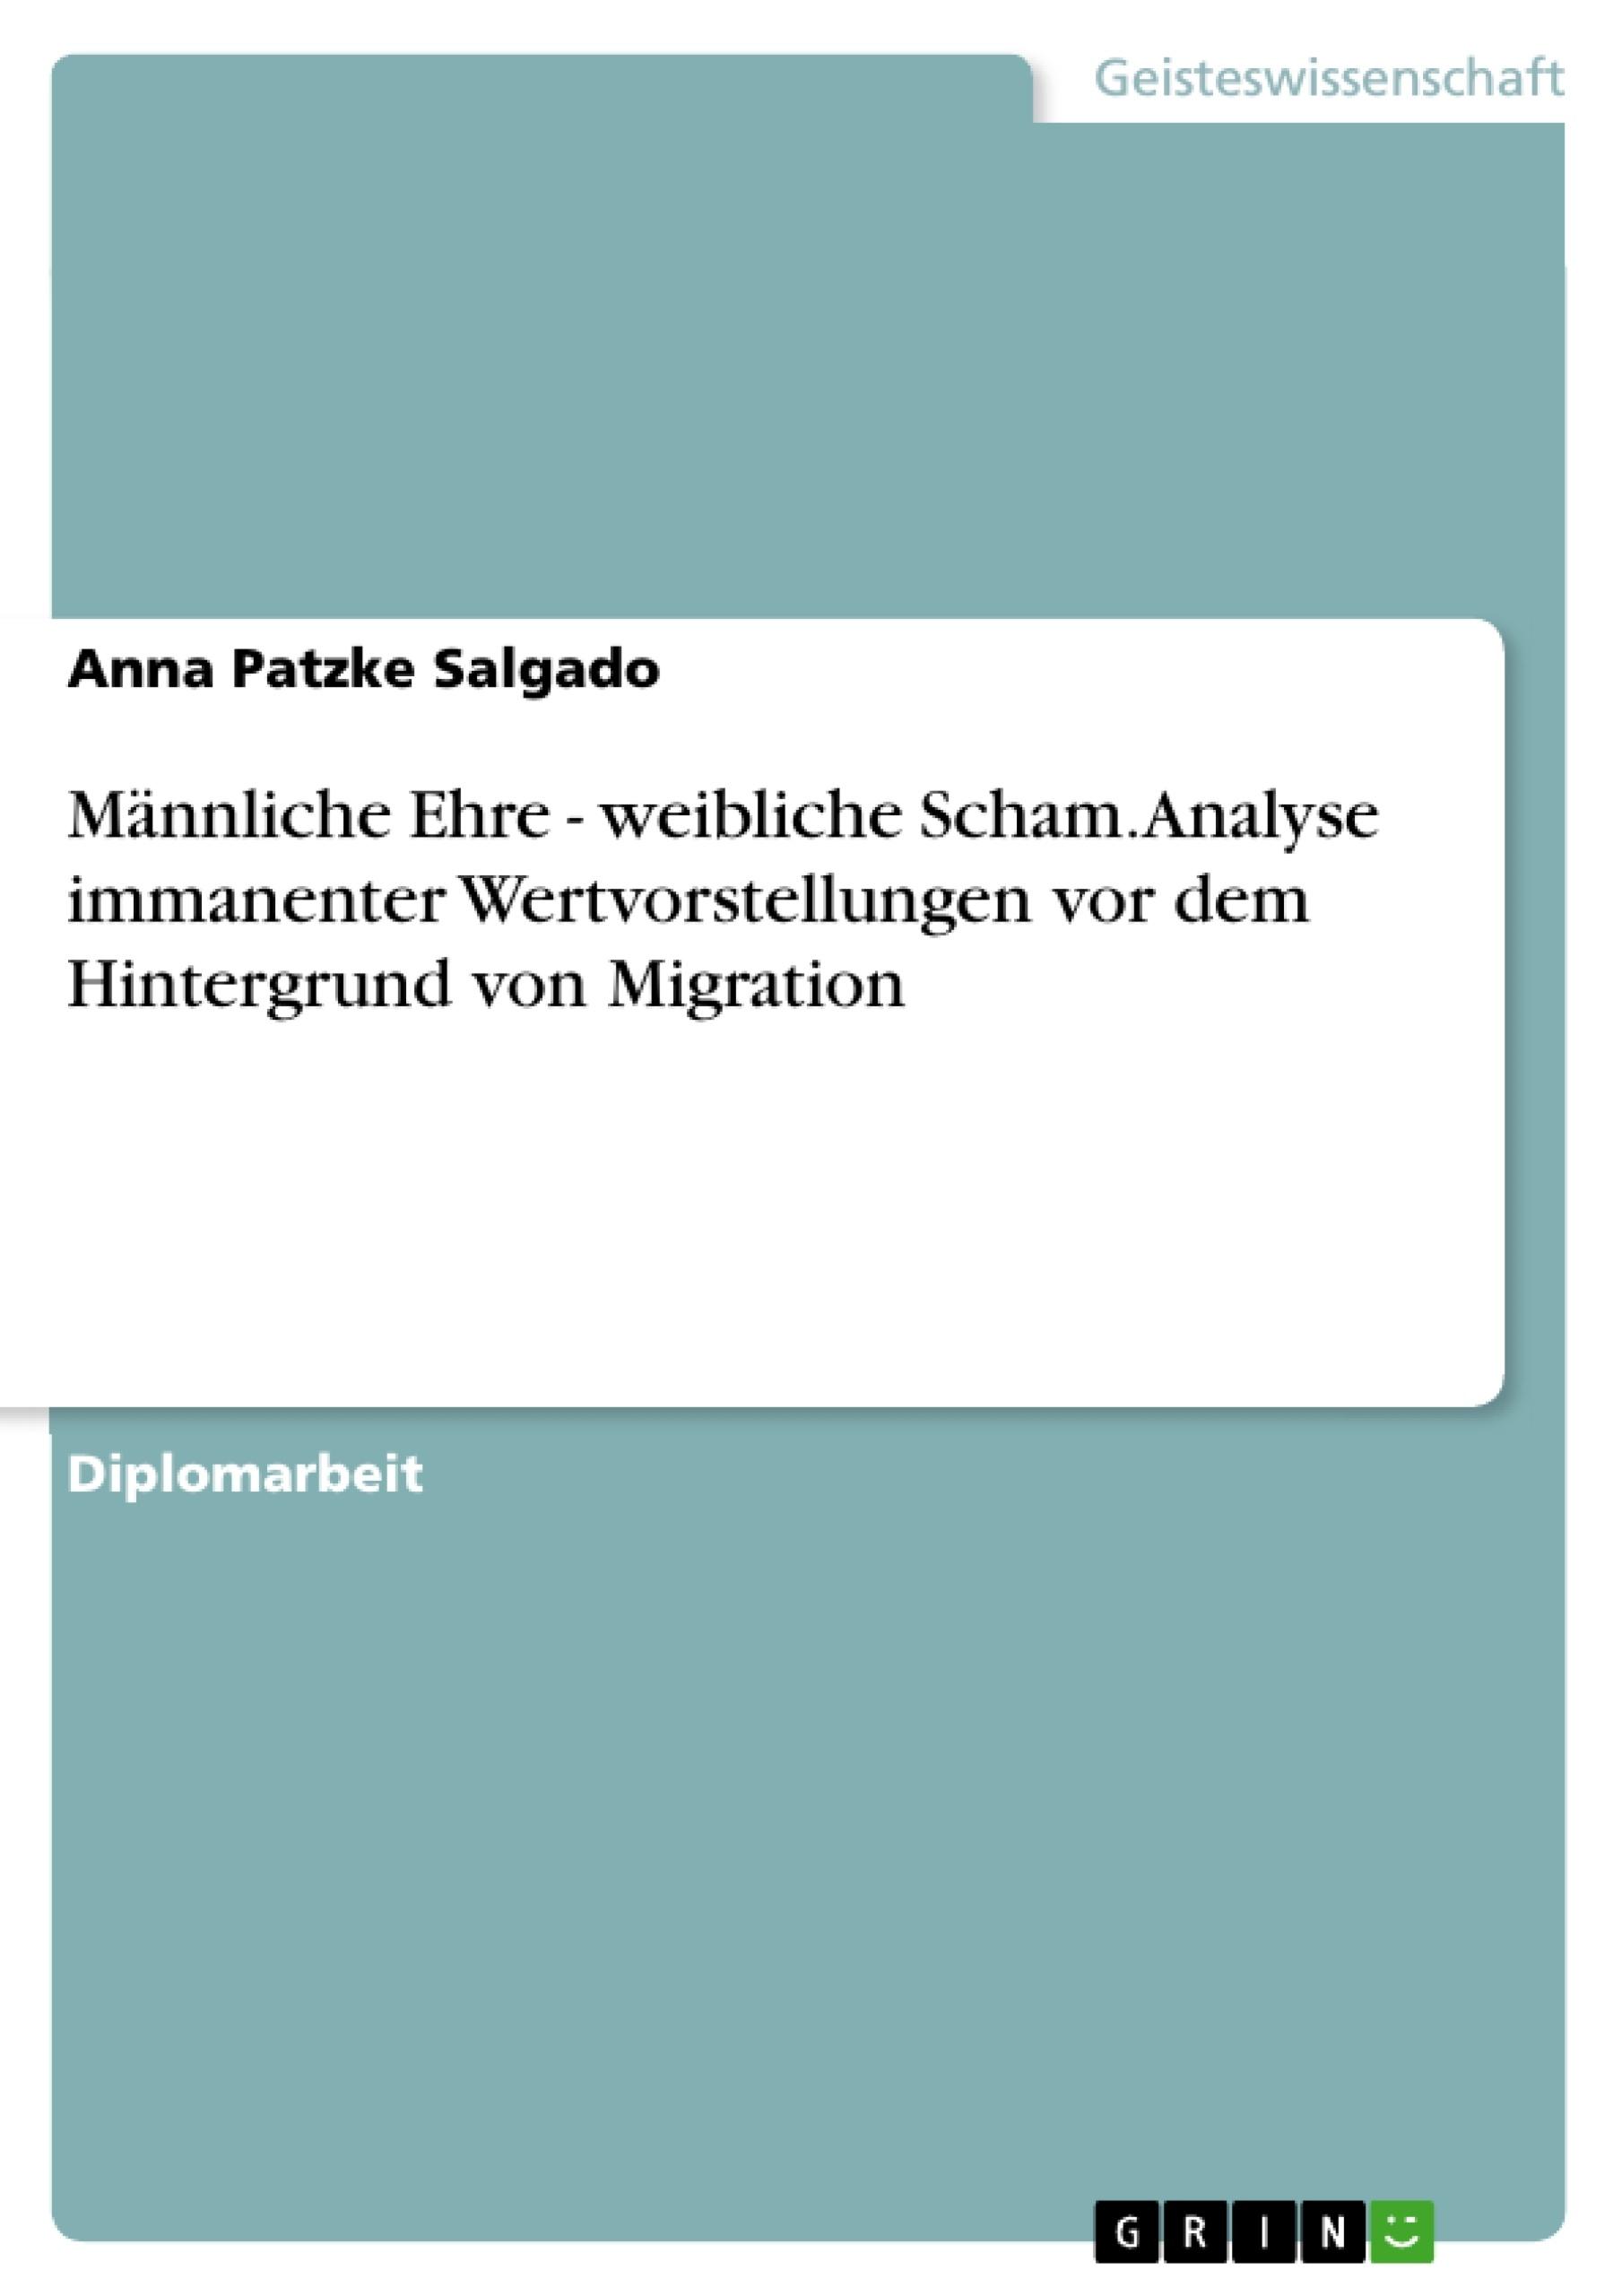 Titel: Männliche Ehre - weibliche Scham. Analyse immanenter Wertvorstellungen vor dem Hintergrund von Migration